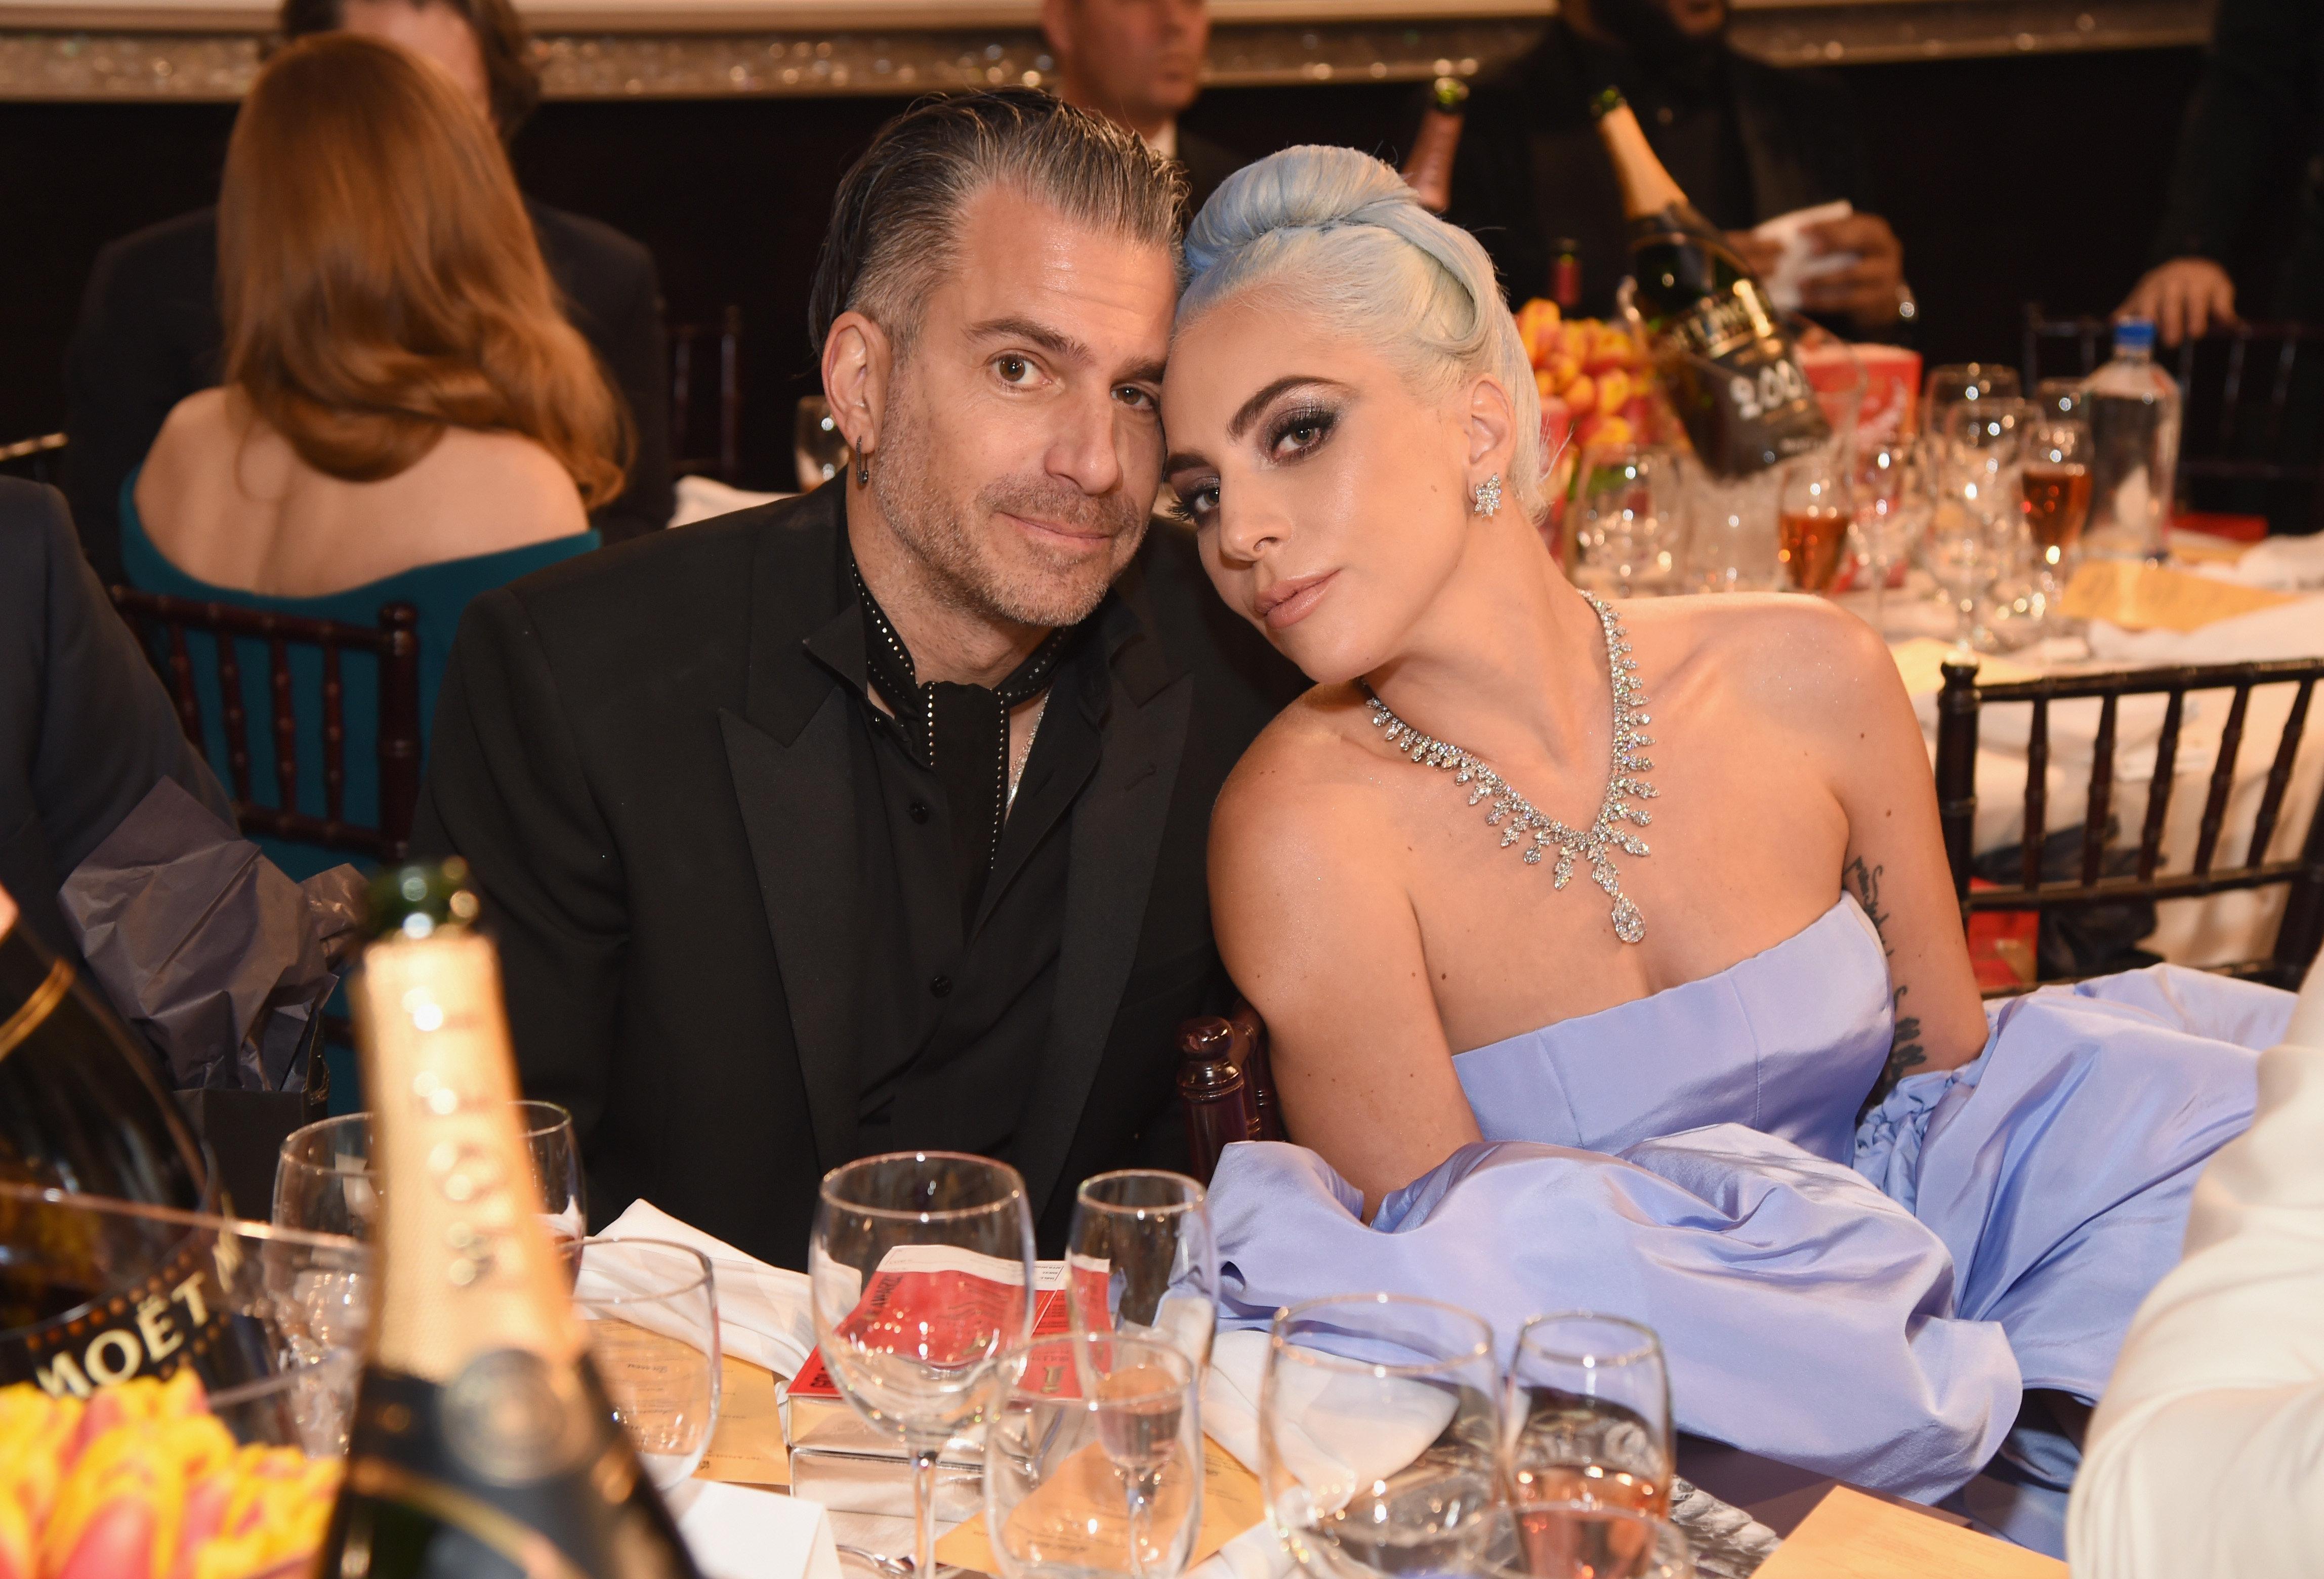 Η Lady Gaga και ο Κρίστιαν Καρίνο ακυρώνουν τον αρραβώνα